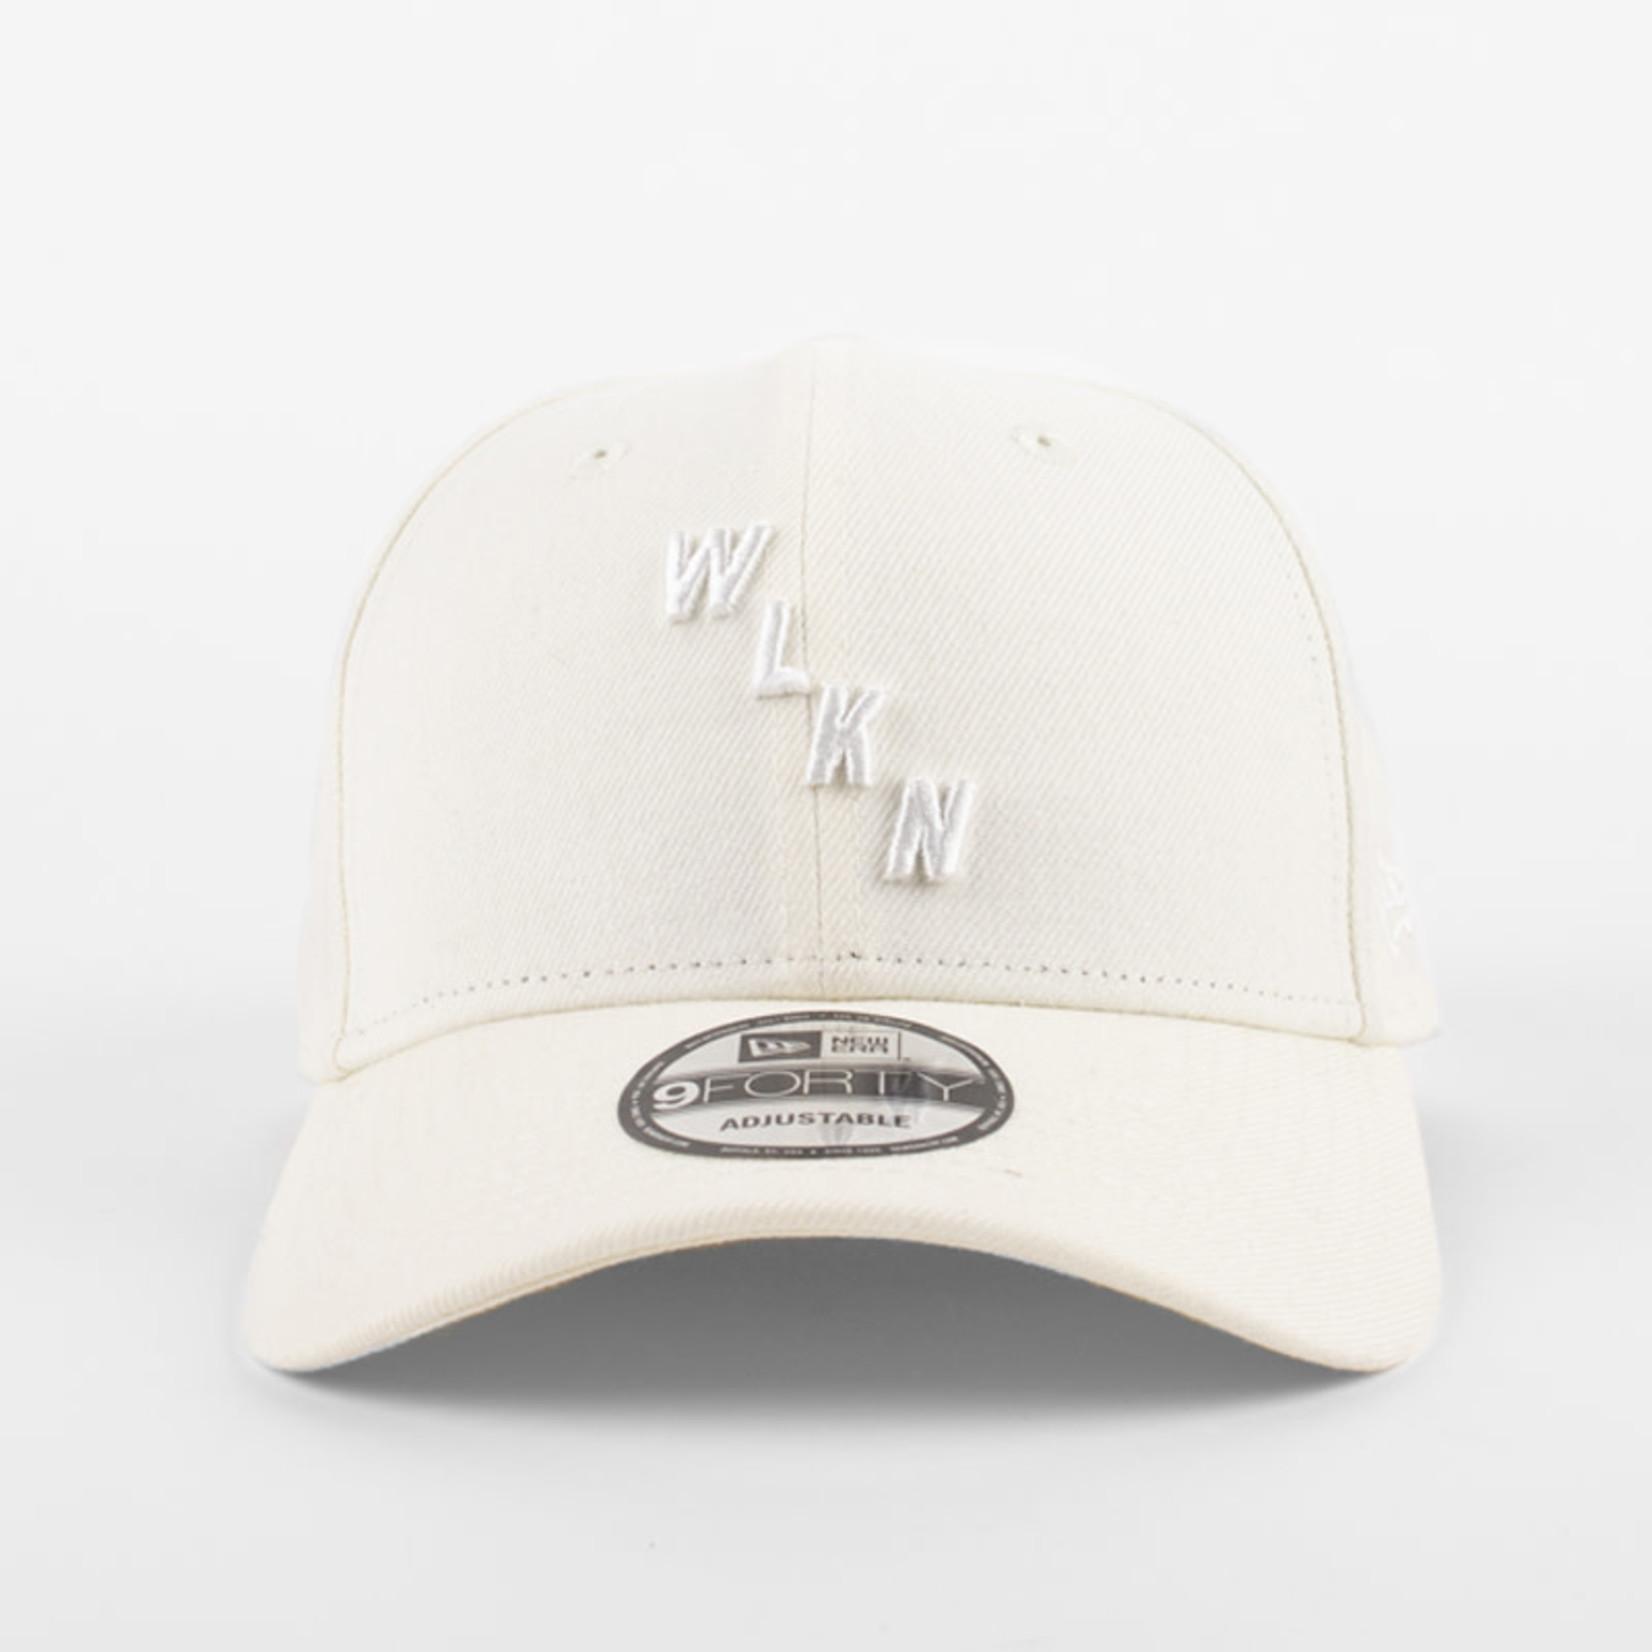 New Era New Era : 940 WLKN Obliquewhite Logo Cap